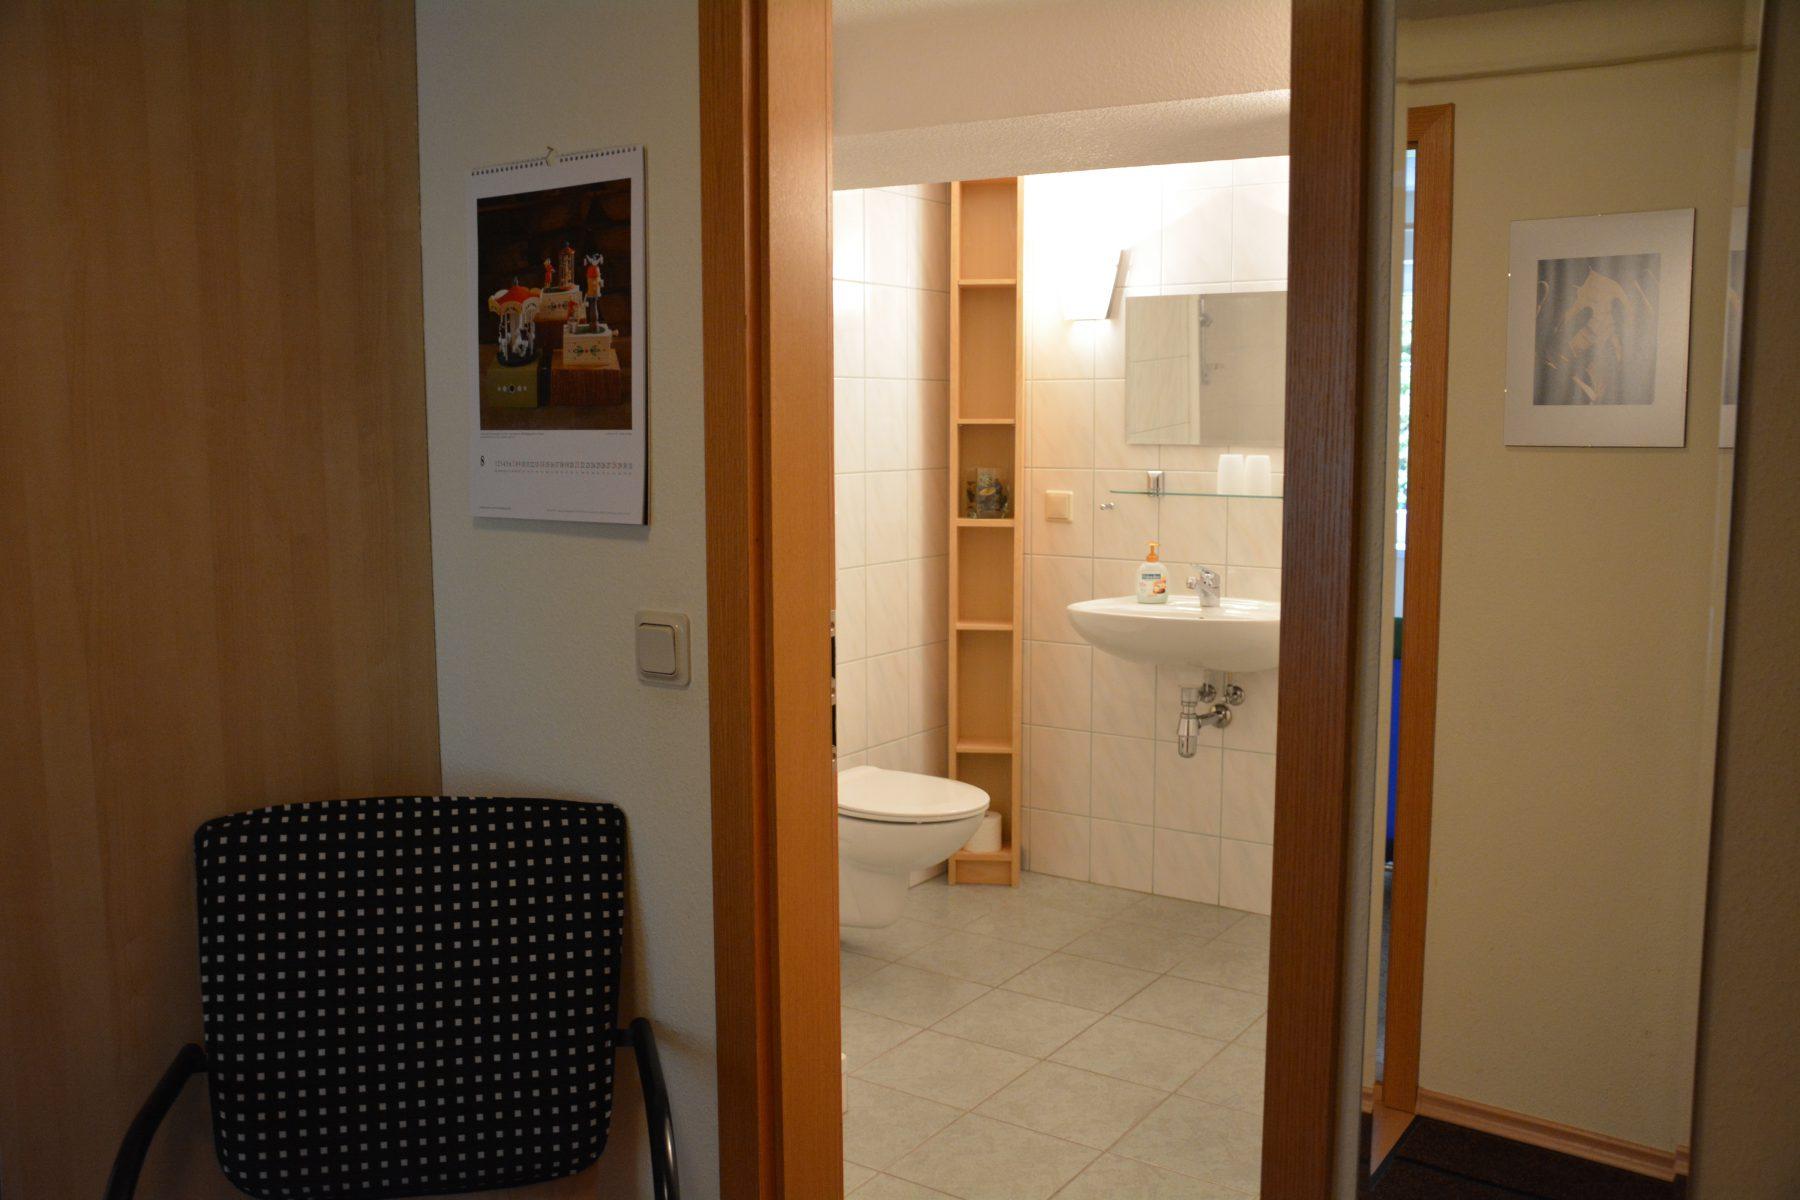 Ferienwohnung im Verlegerhaus Seiffen Kategorie N1a Detail Korridor DU/WC